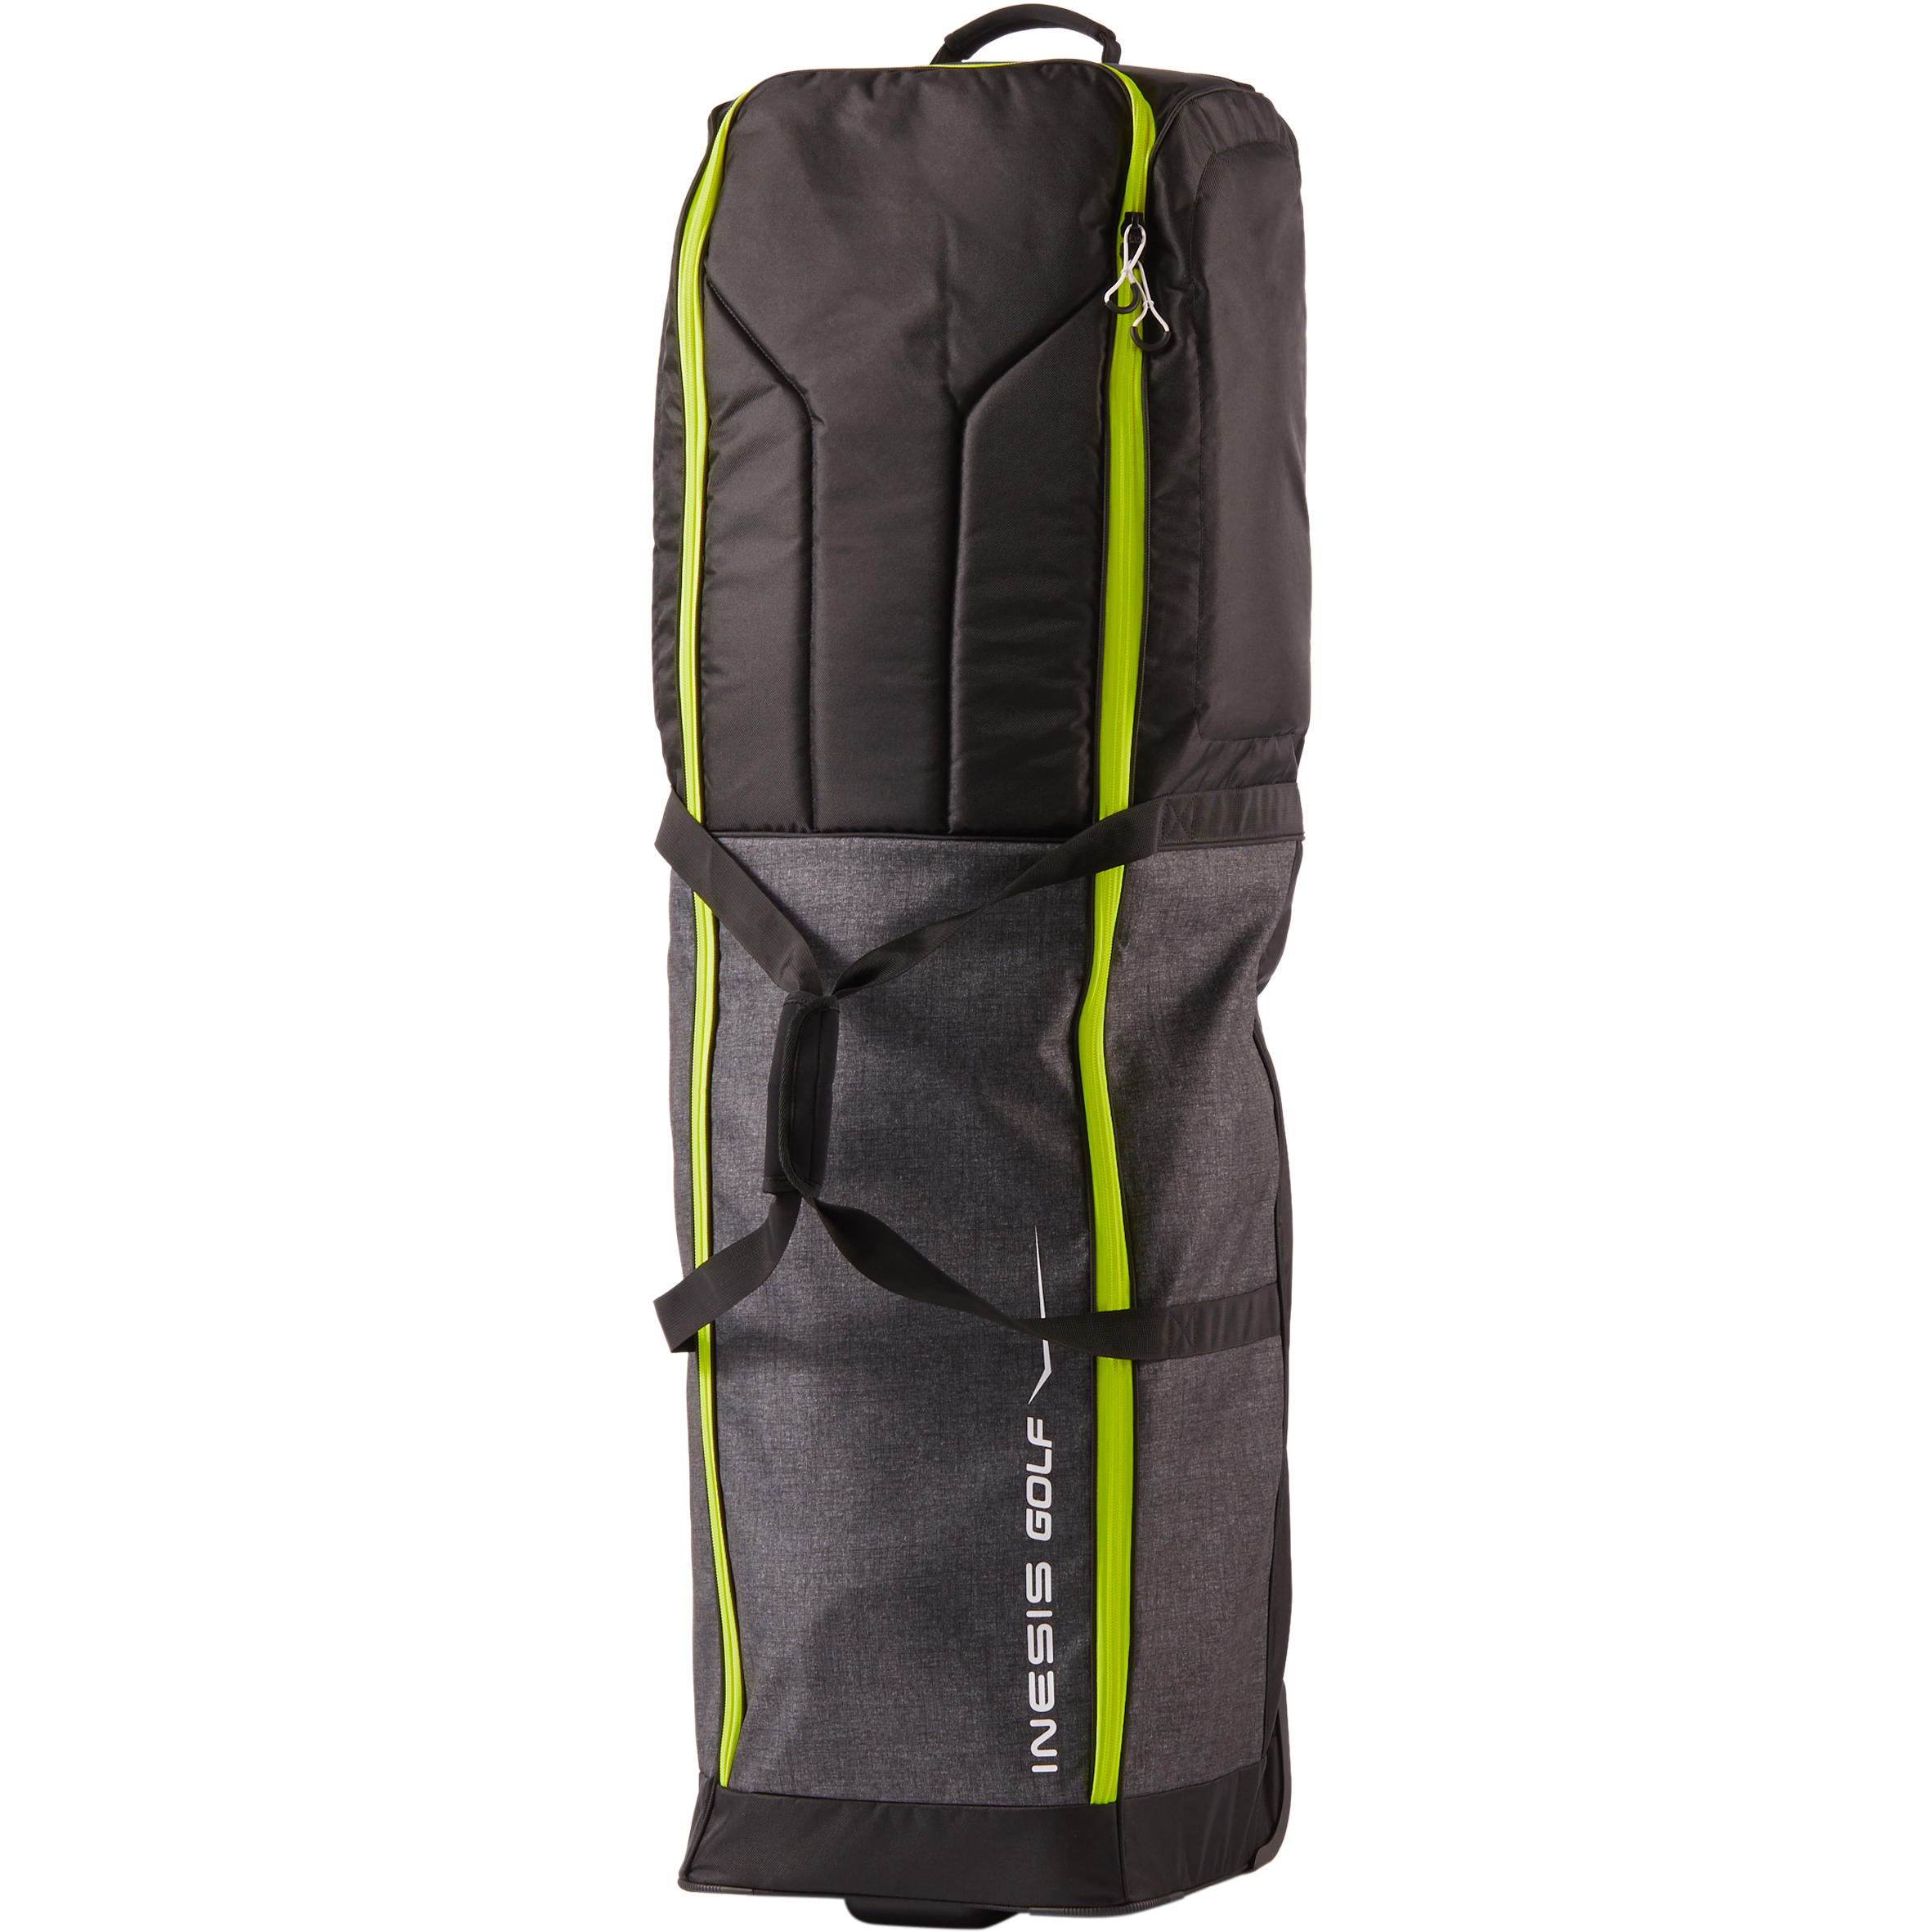 Husă cu roți geantă de golf la Reducere poza